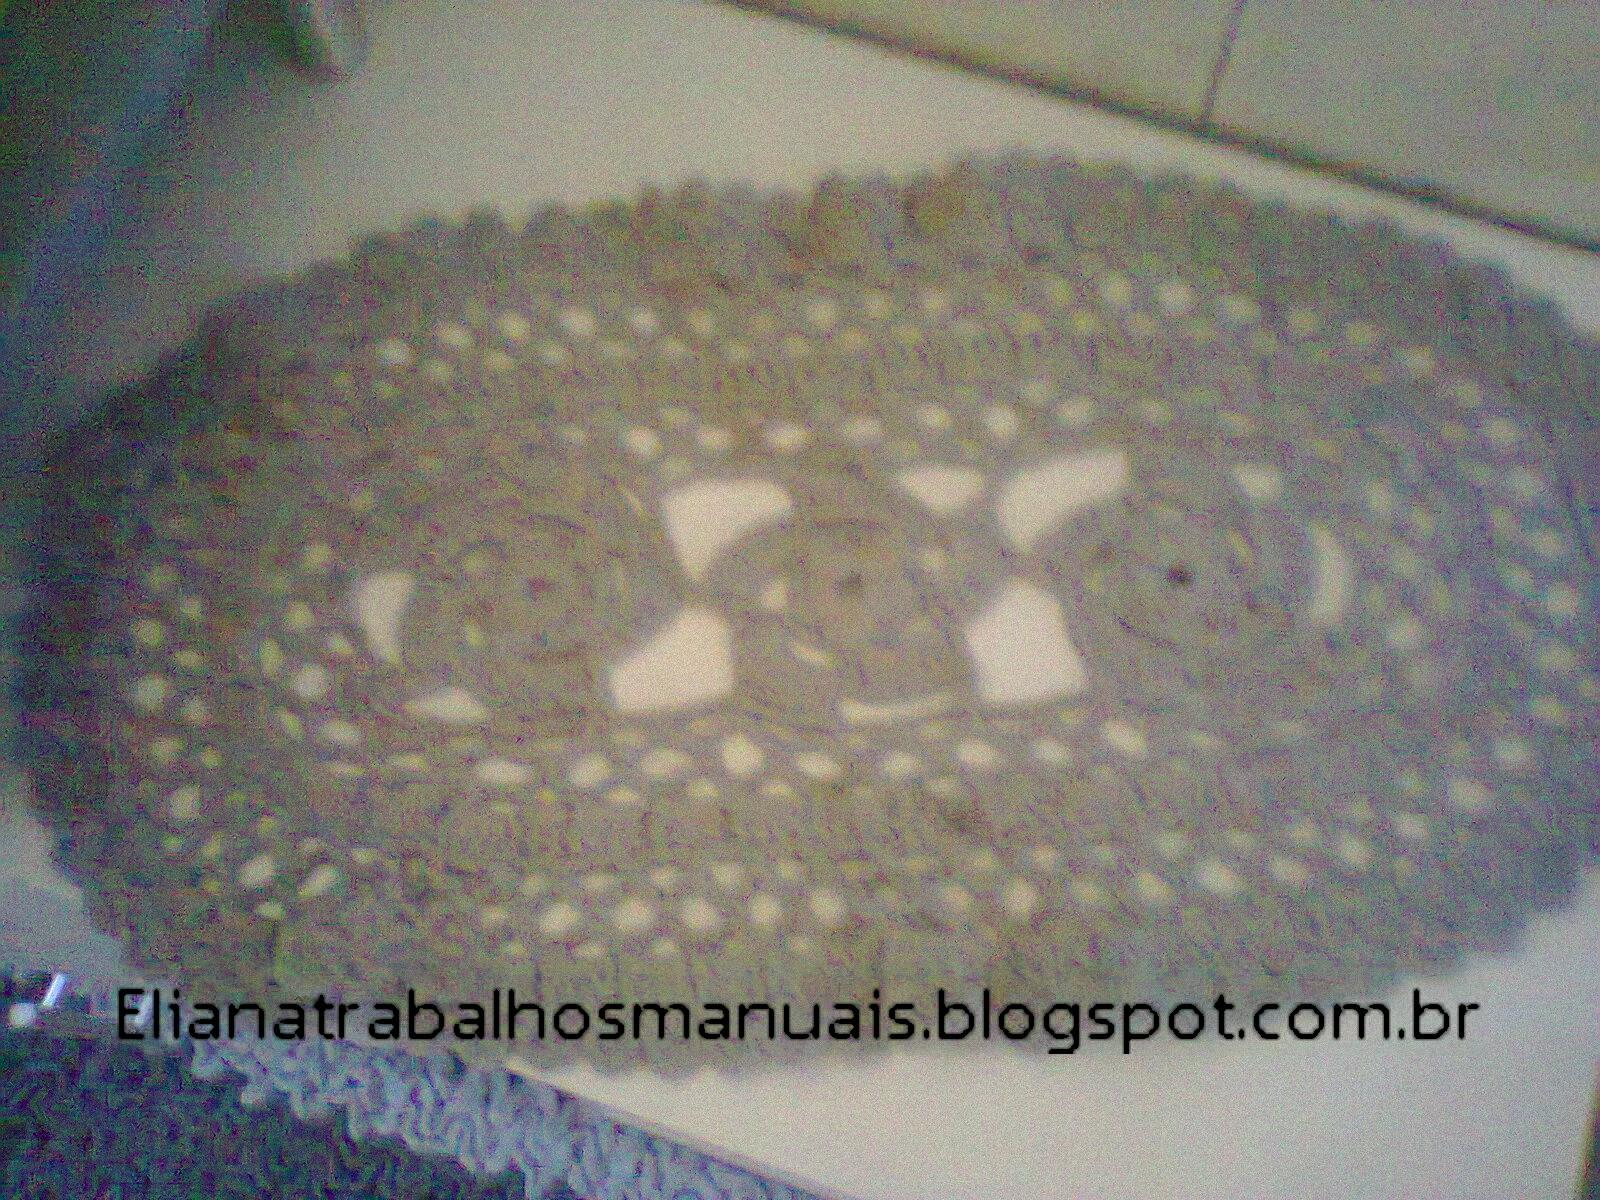 Eliana Trabalhos Manuais: Jogo de croche para banheiro Cinza #3C445C 1600x1200 Banheiro Com Vaso Cinza